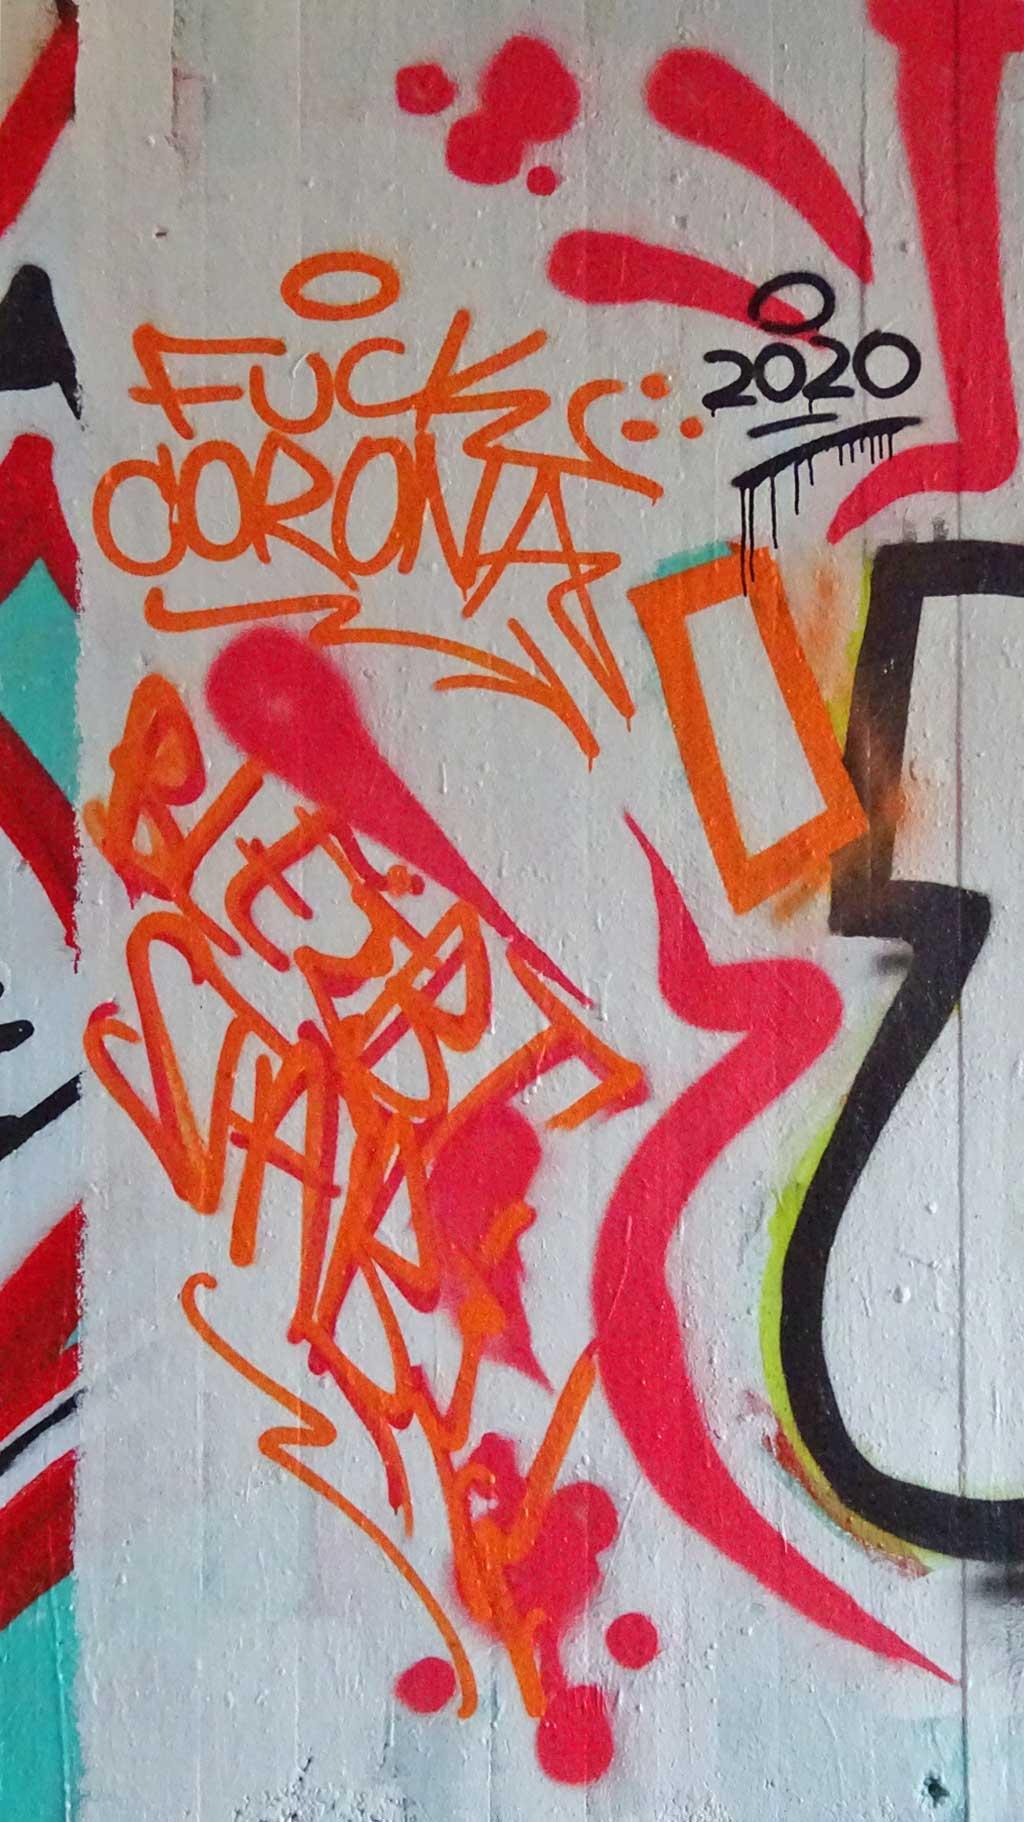 Corona-Graffiti - Fuck Corona, bleibt stabil